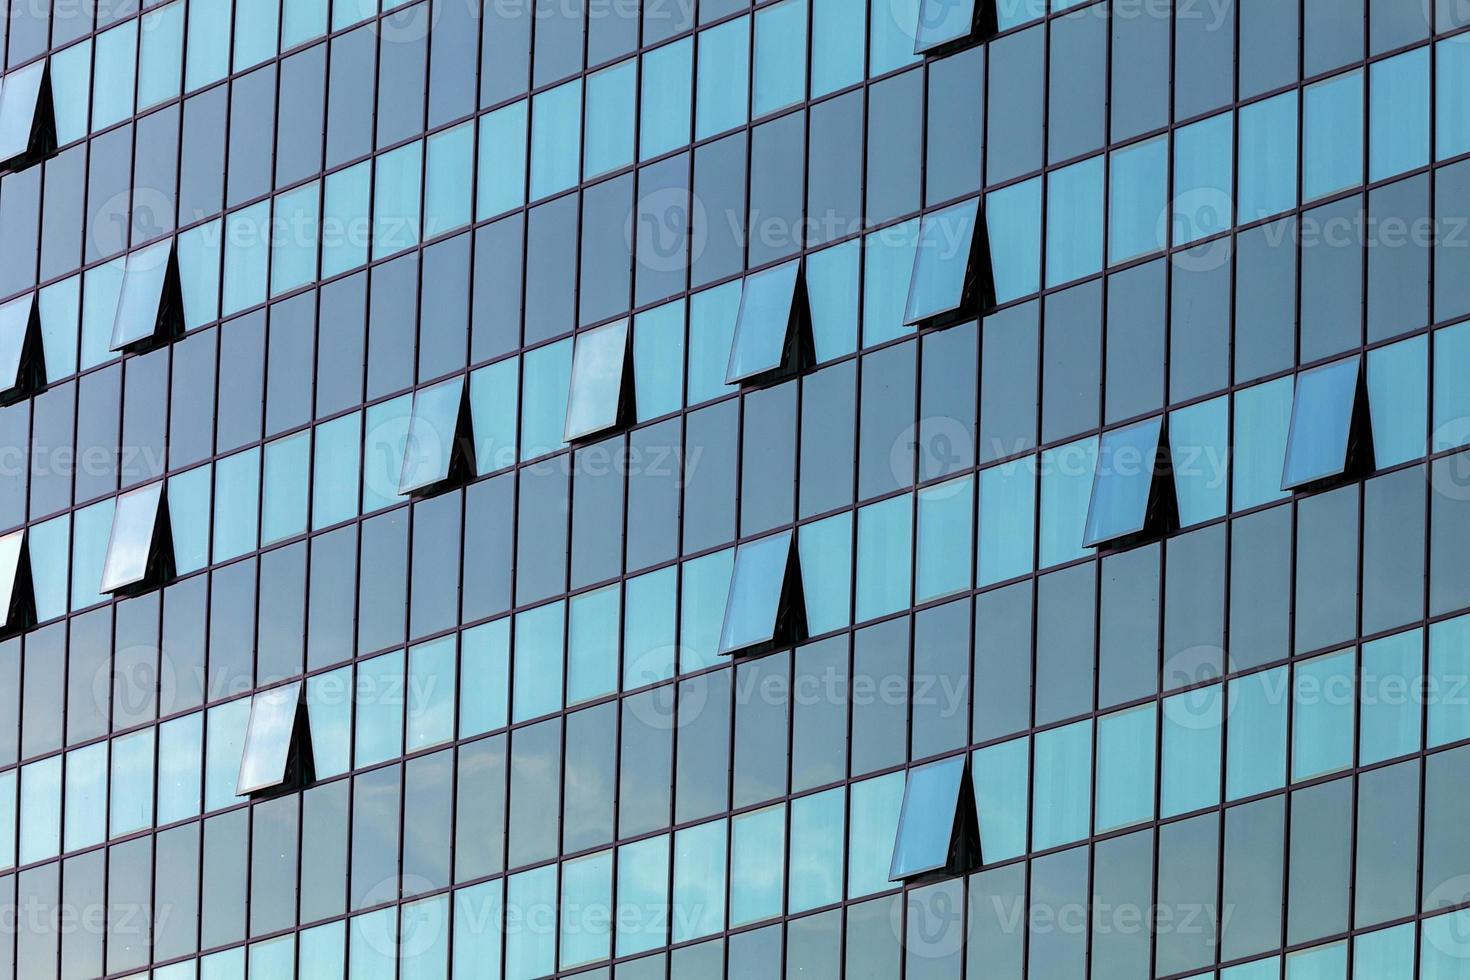 fachada de vidrio con ventanas abiertas foto